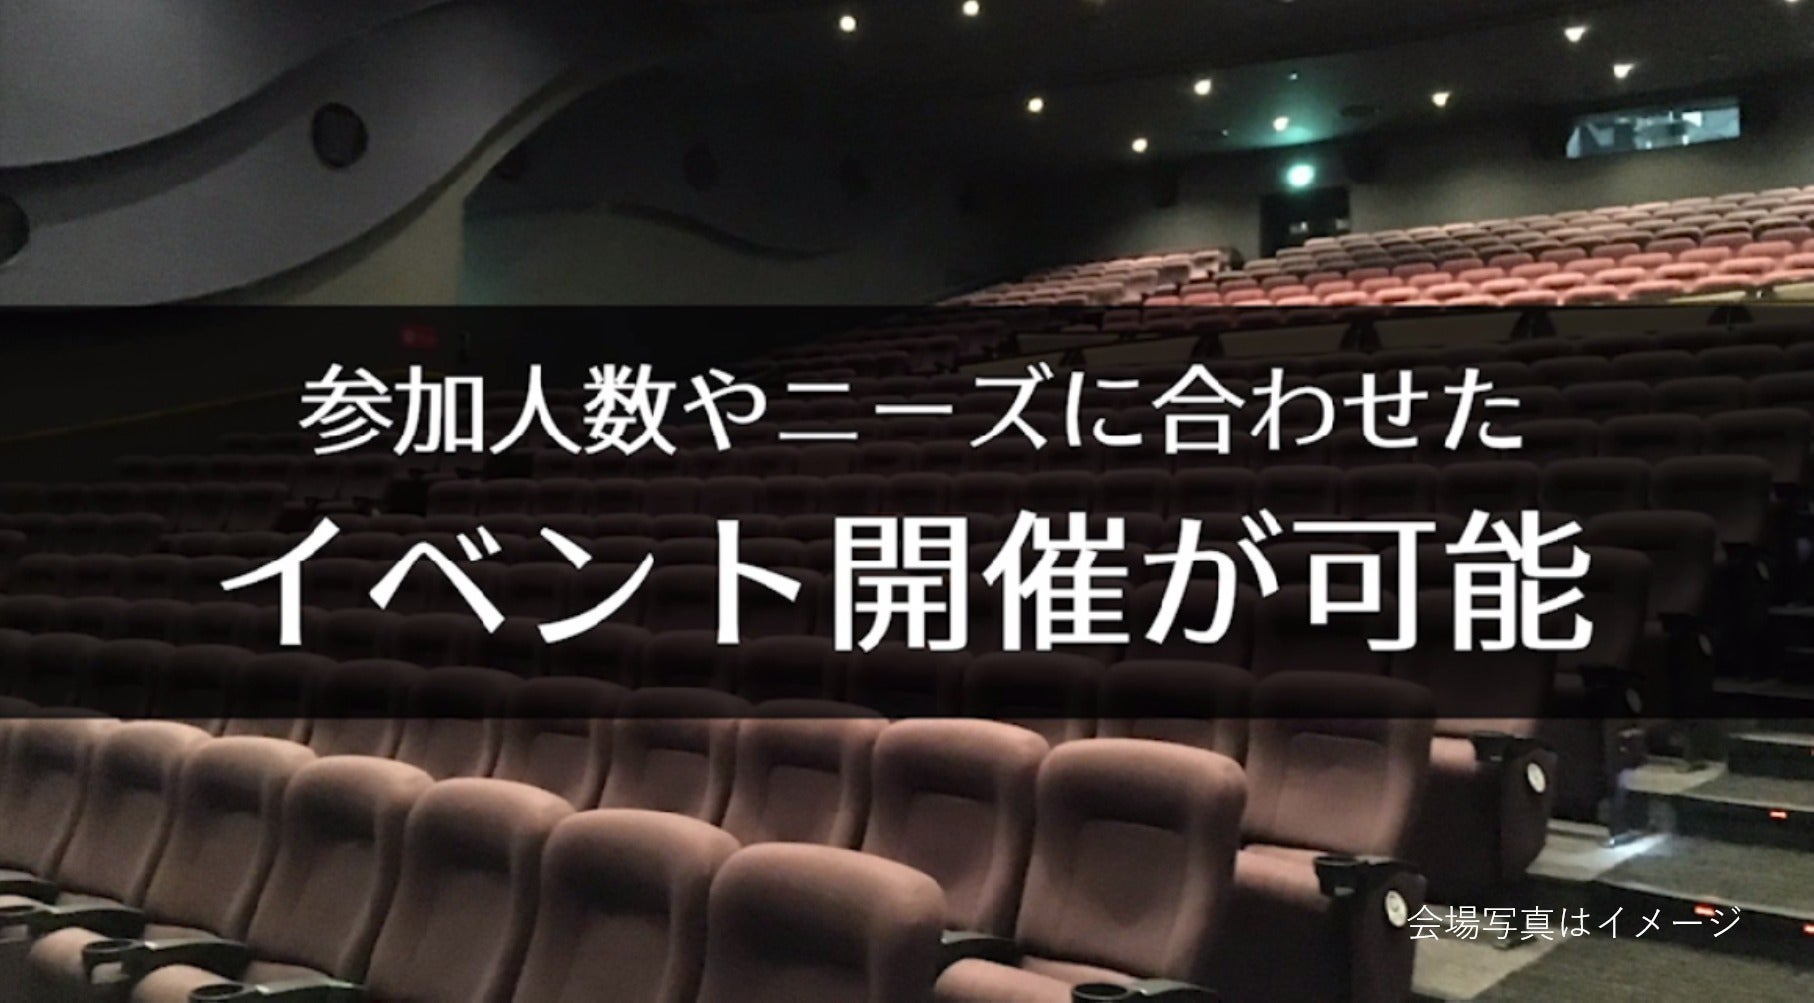 【新潟 75席】映画館で、会社説明会、株主総会、講演会の企画はいかがですか?(ユナイテッド・シネマ新潟) の写真0